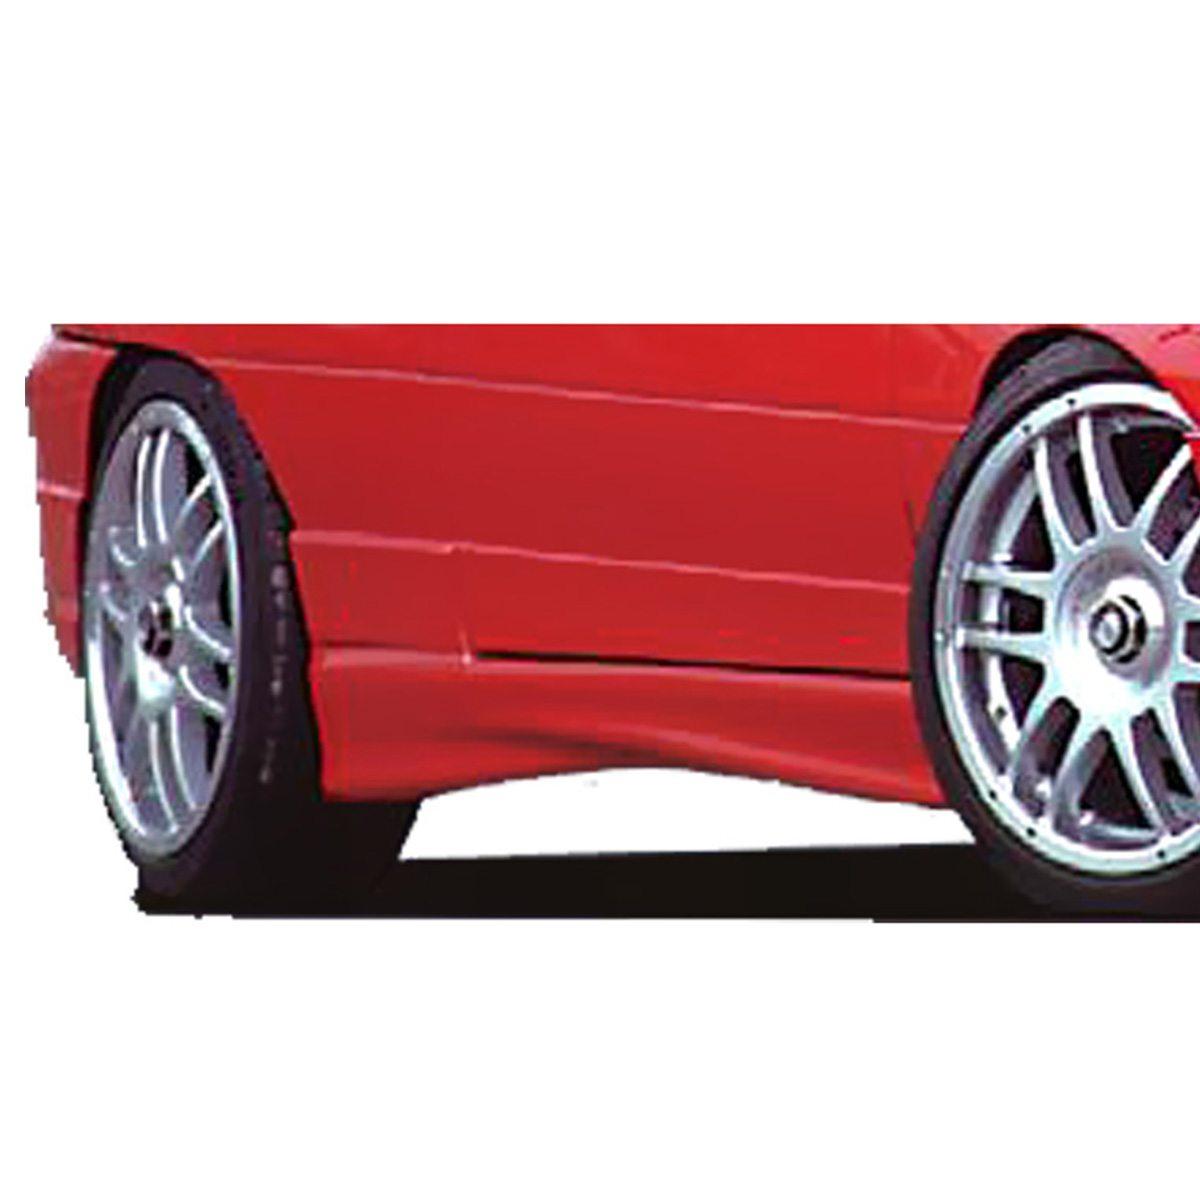 Opel-Astra-F-M3-Emb-EBU003